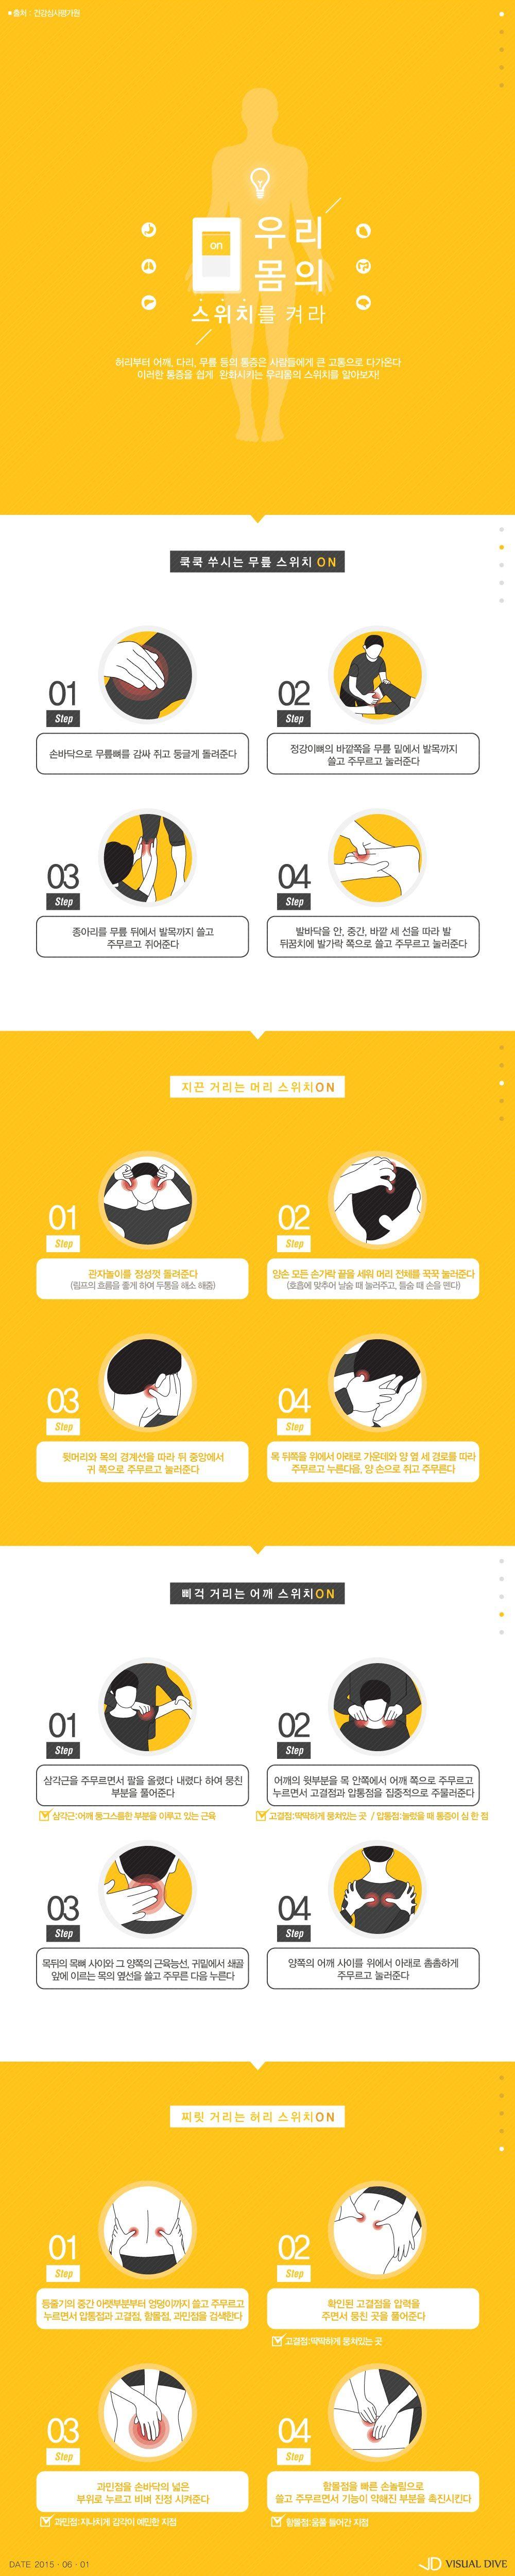 가족건강 업그레이드 시간…심사평가원, '안마타임' 위한 꿀팁 공개 [인포그래픽] #Health / #Infographic ⓒ 비주얼다이브 무단 복사·전재·재배포 금지